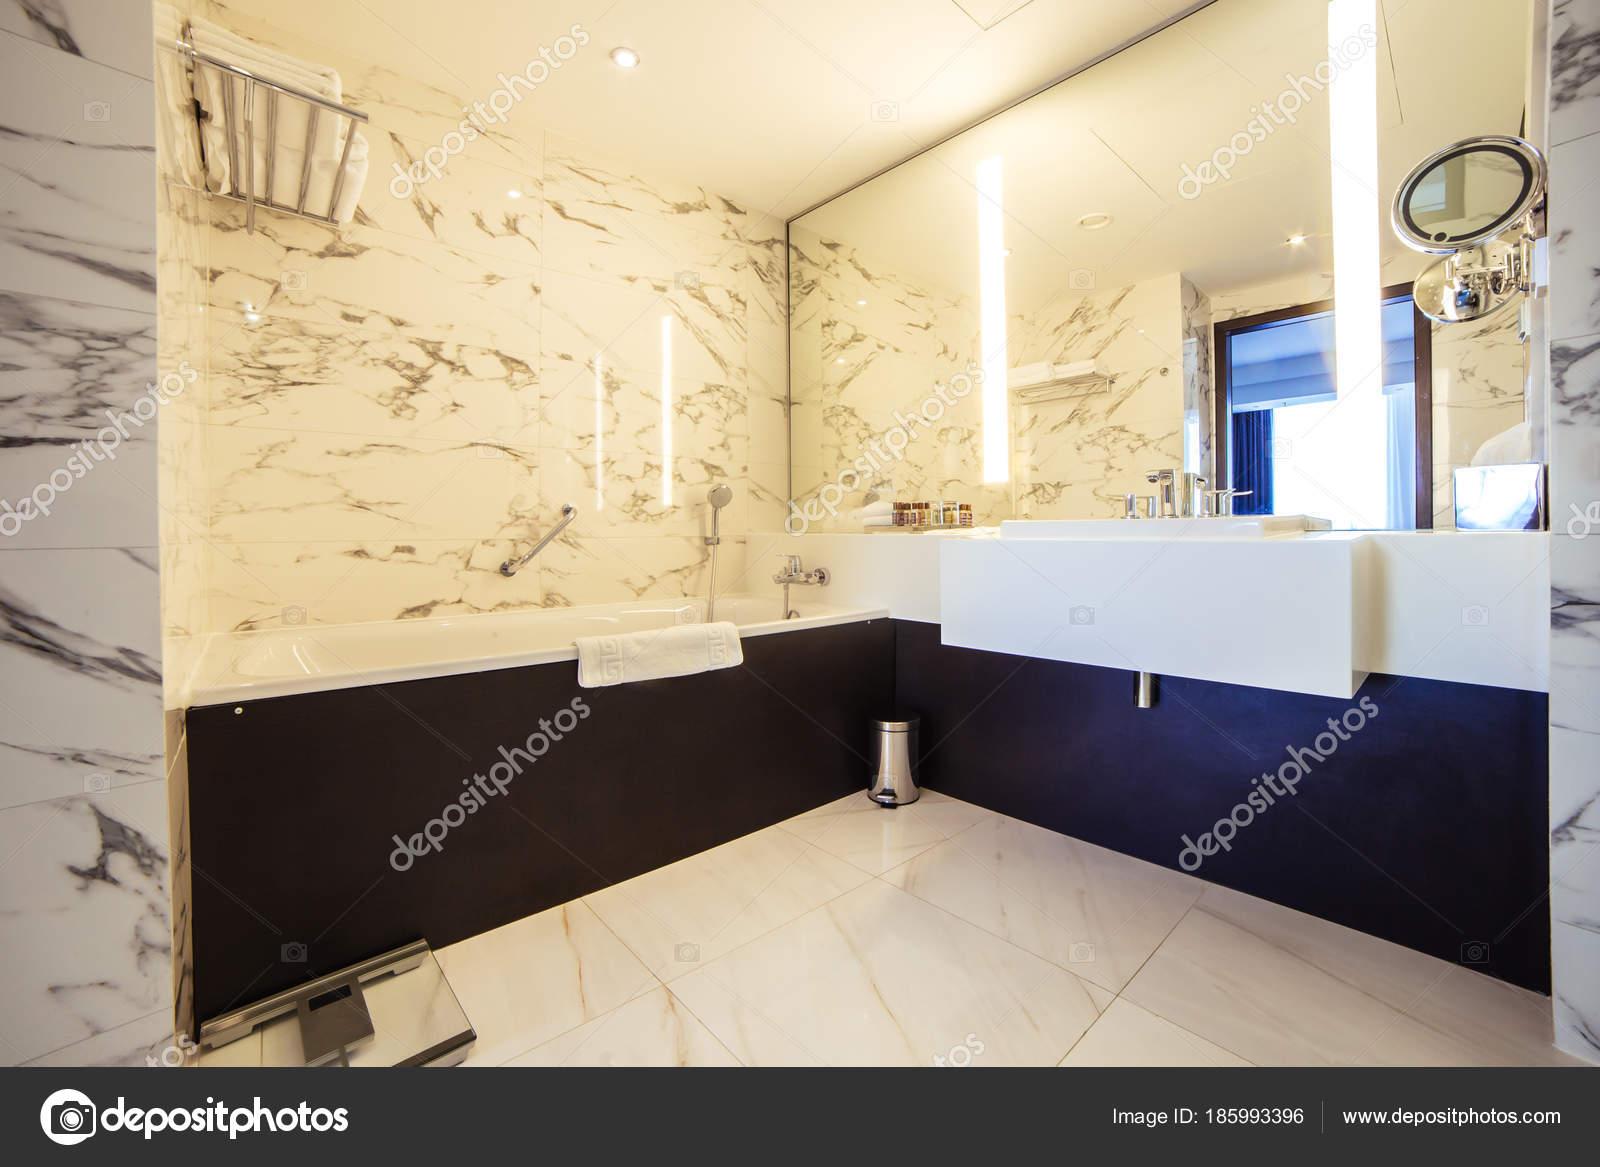 Designer-Bad mit Dusche Fliesen — Stockfoto © ufabizphoto #185993396